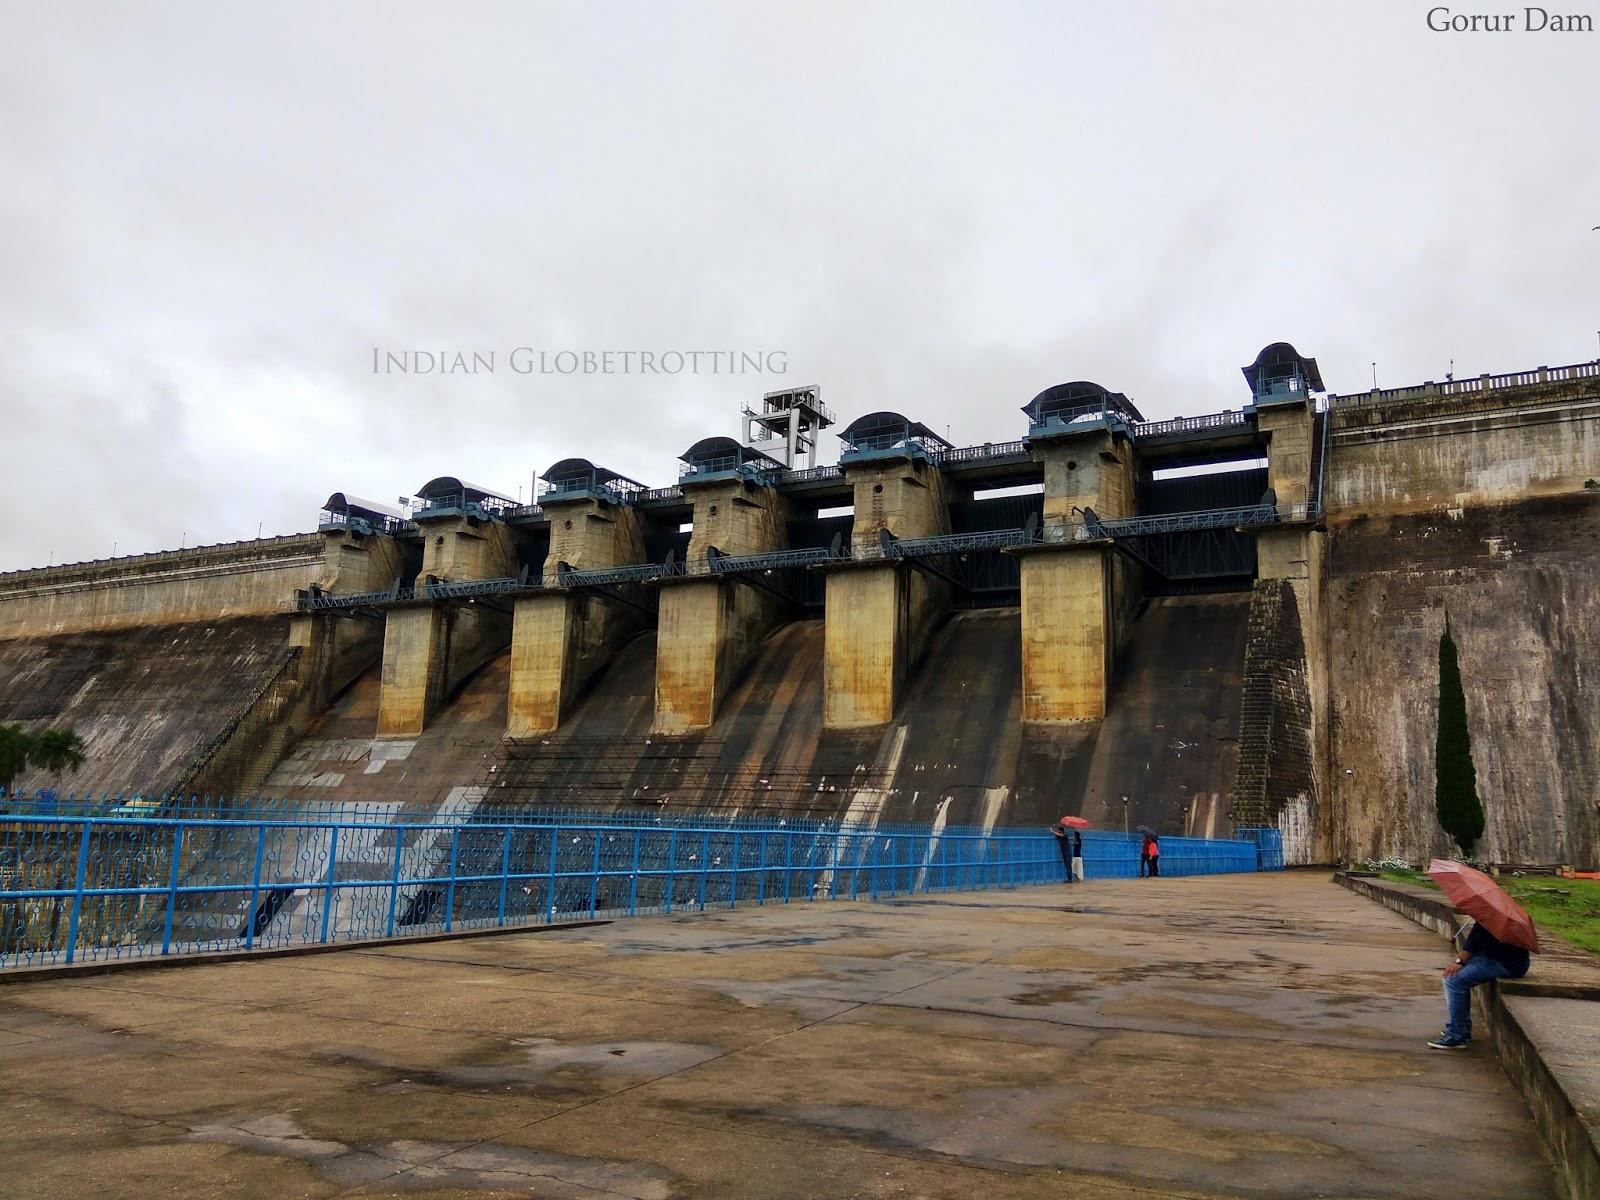 Gorur Dam